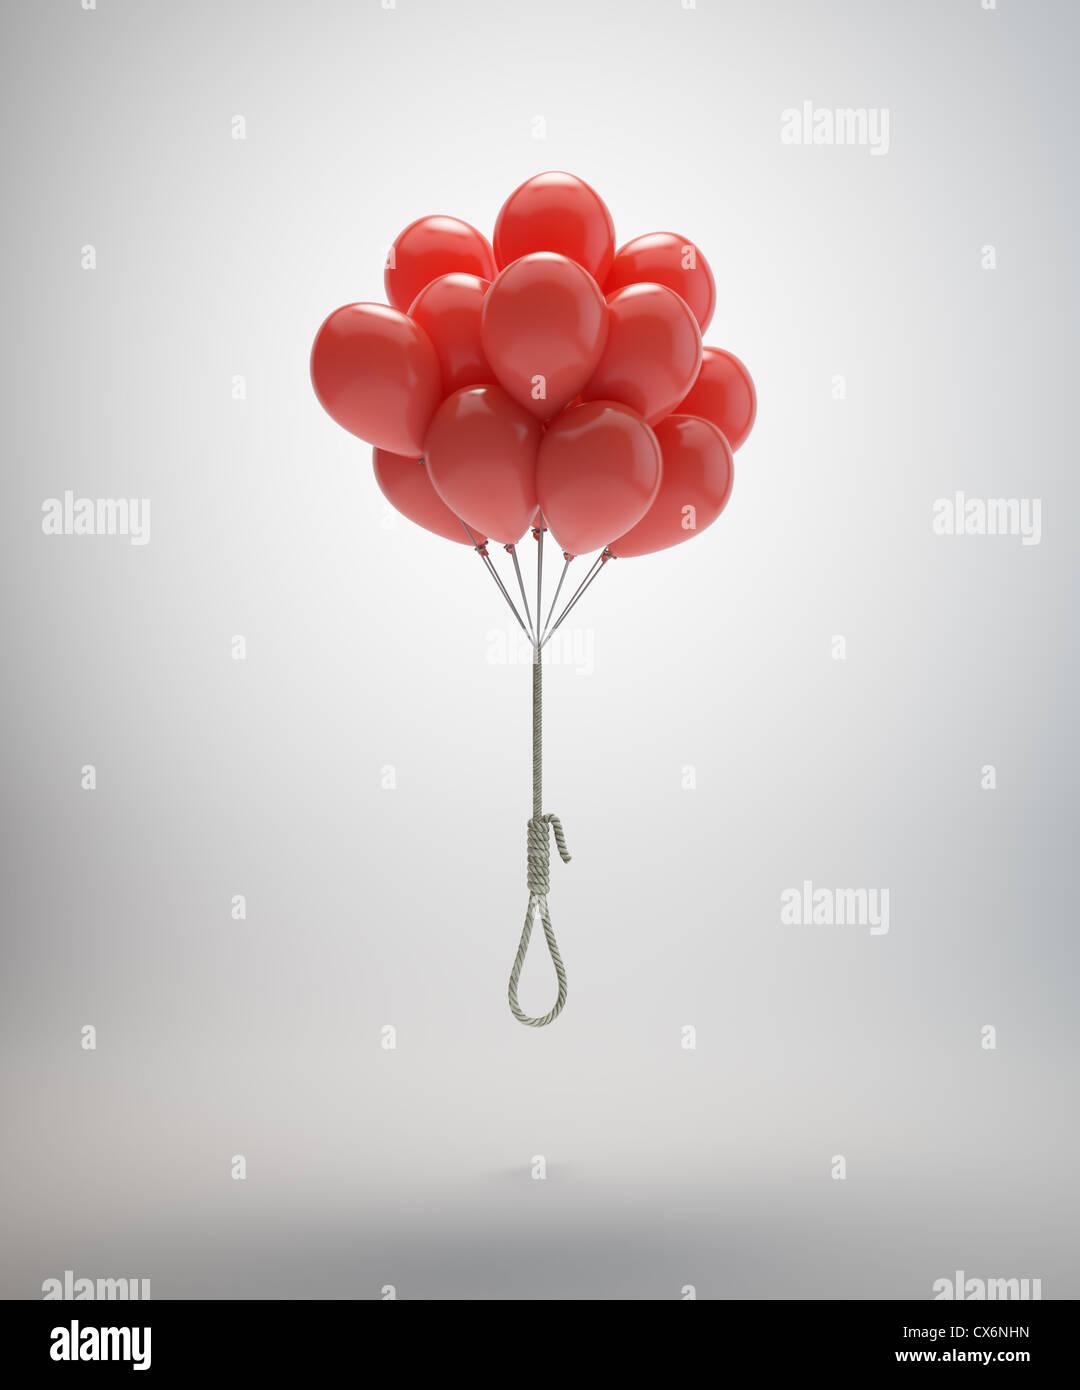 Potence suspendue par un tas de ballons rouges Banque D'Images